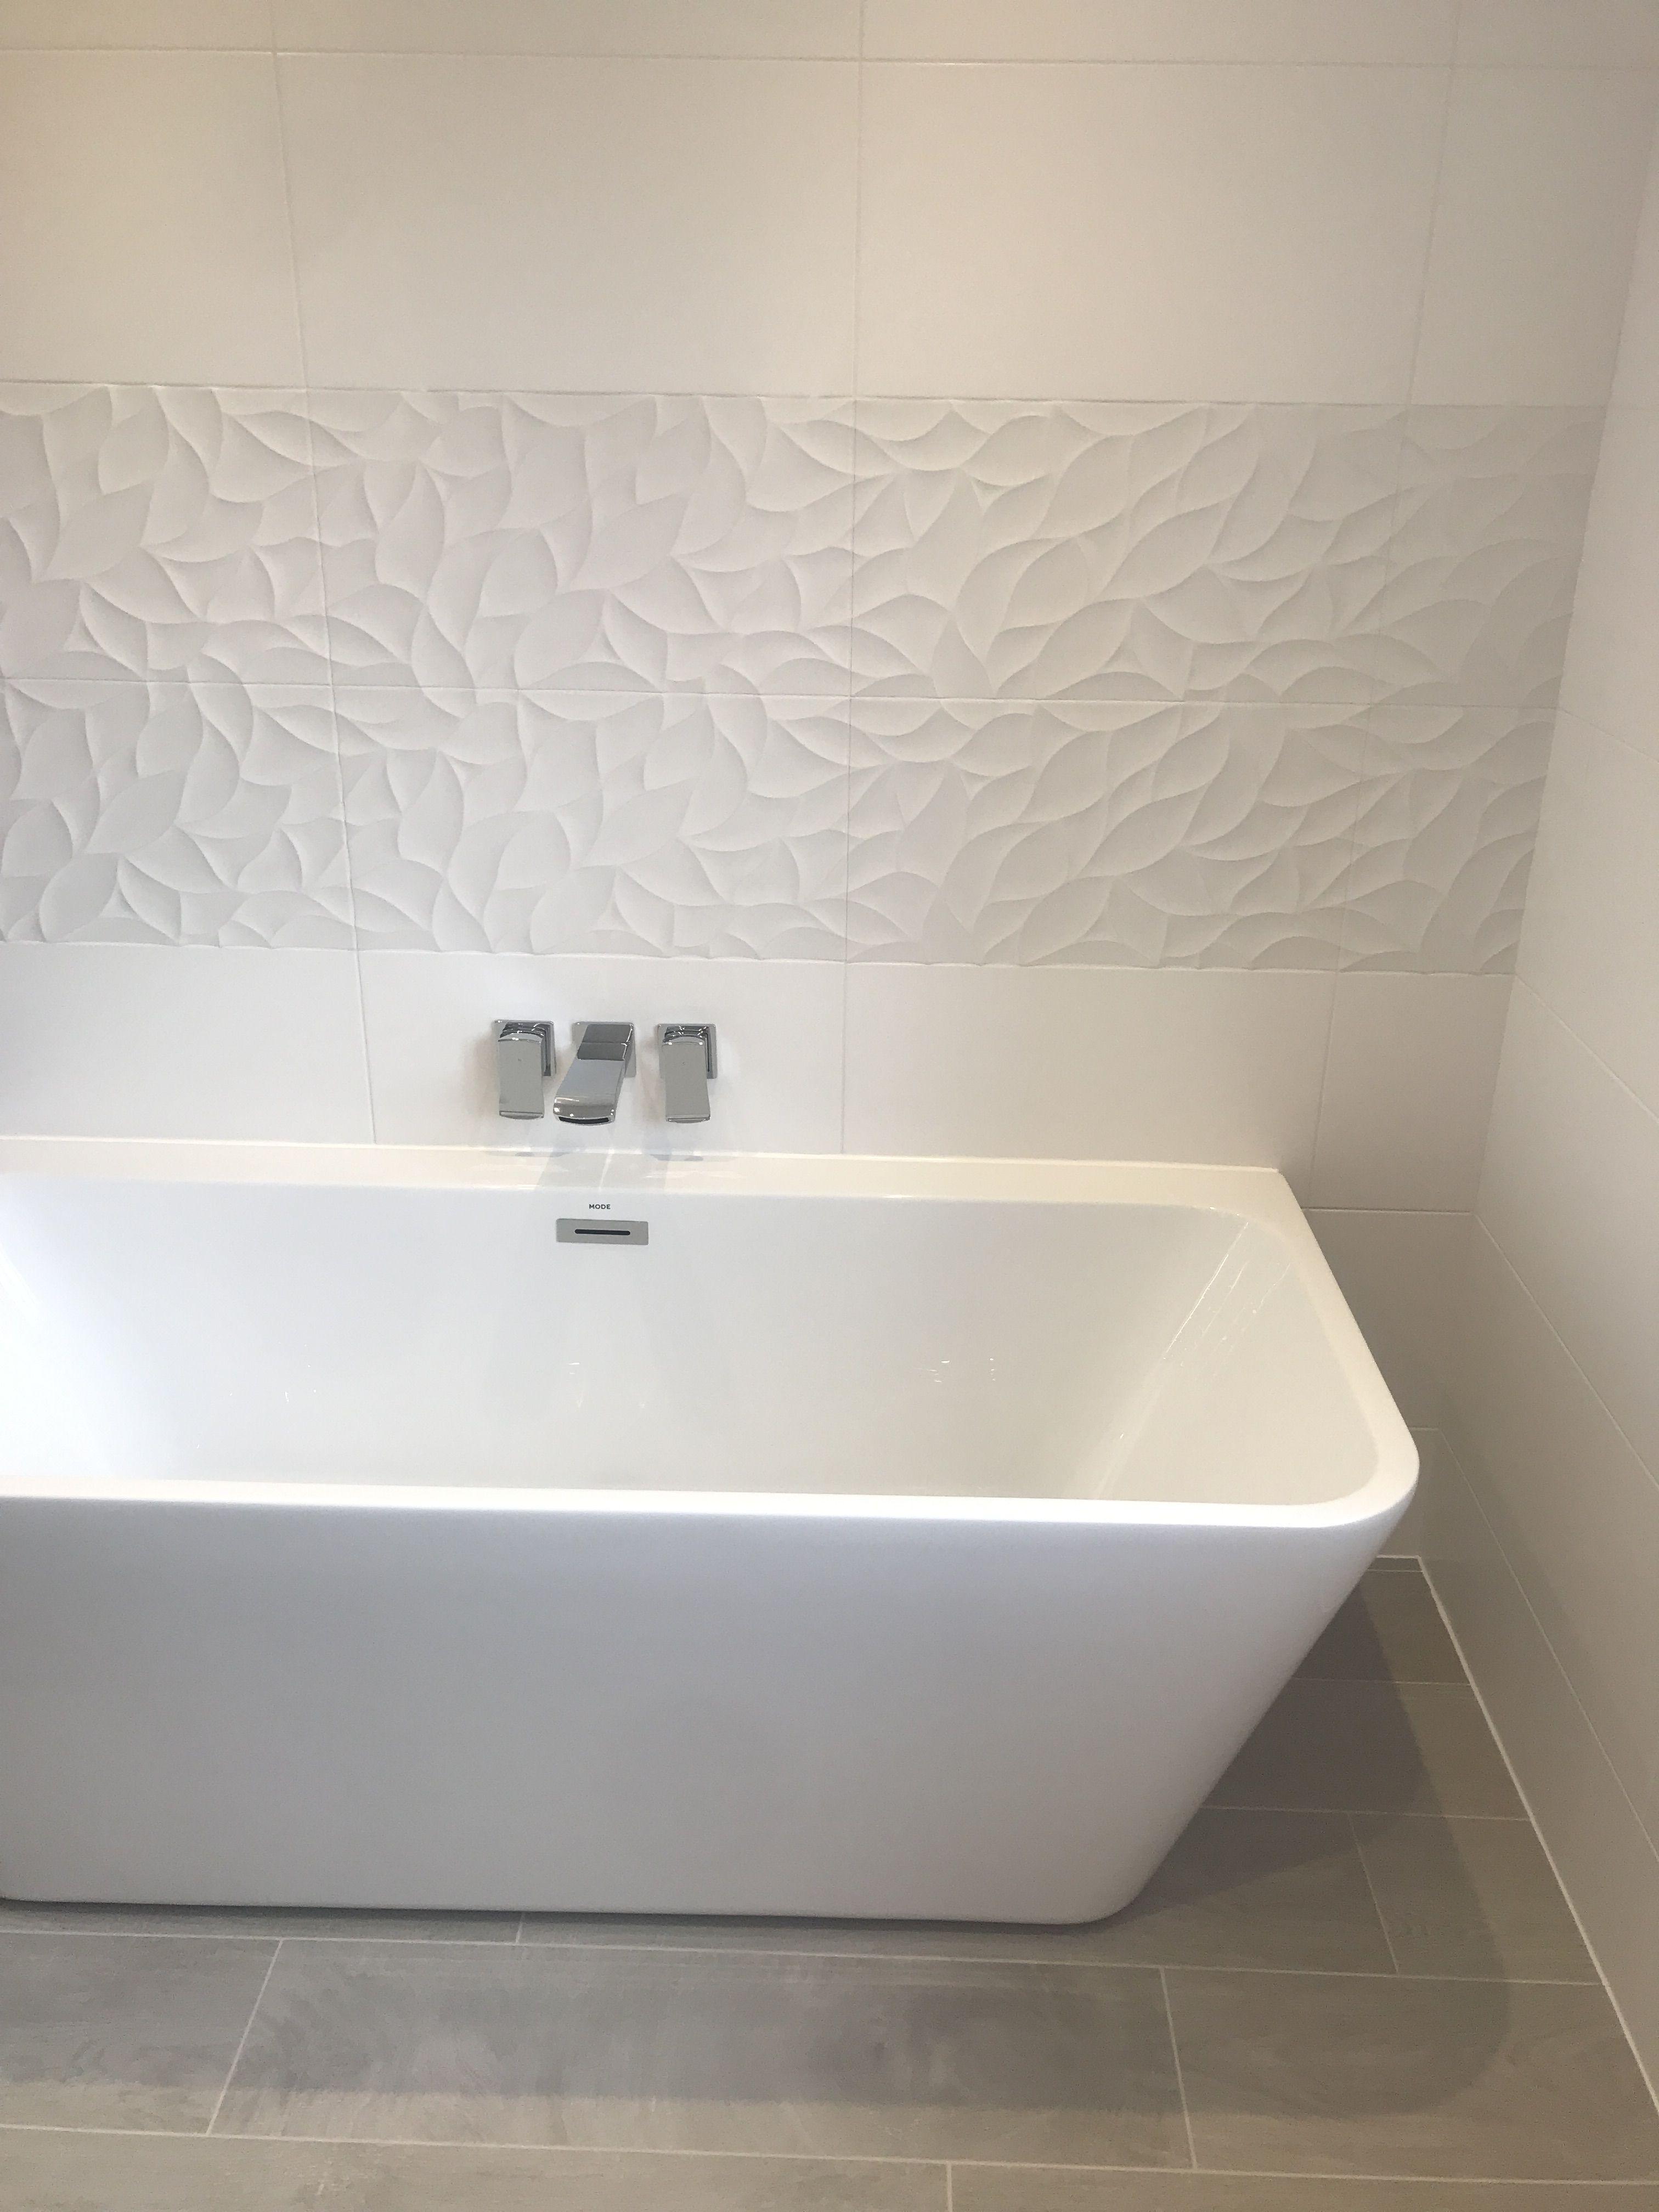 This Stunning White Bathroom At Our Mynd Development Speaks For Itself Using Porcelanosa Bathroom Tile Idee Salle De Bain Deco Salle De Bain Salle De Bain Zen